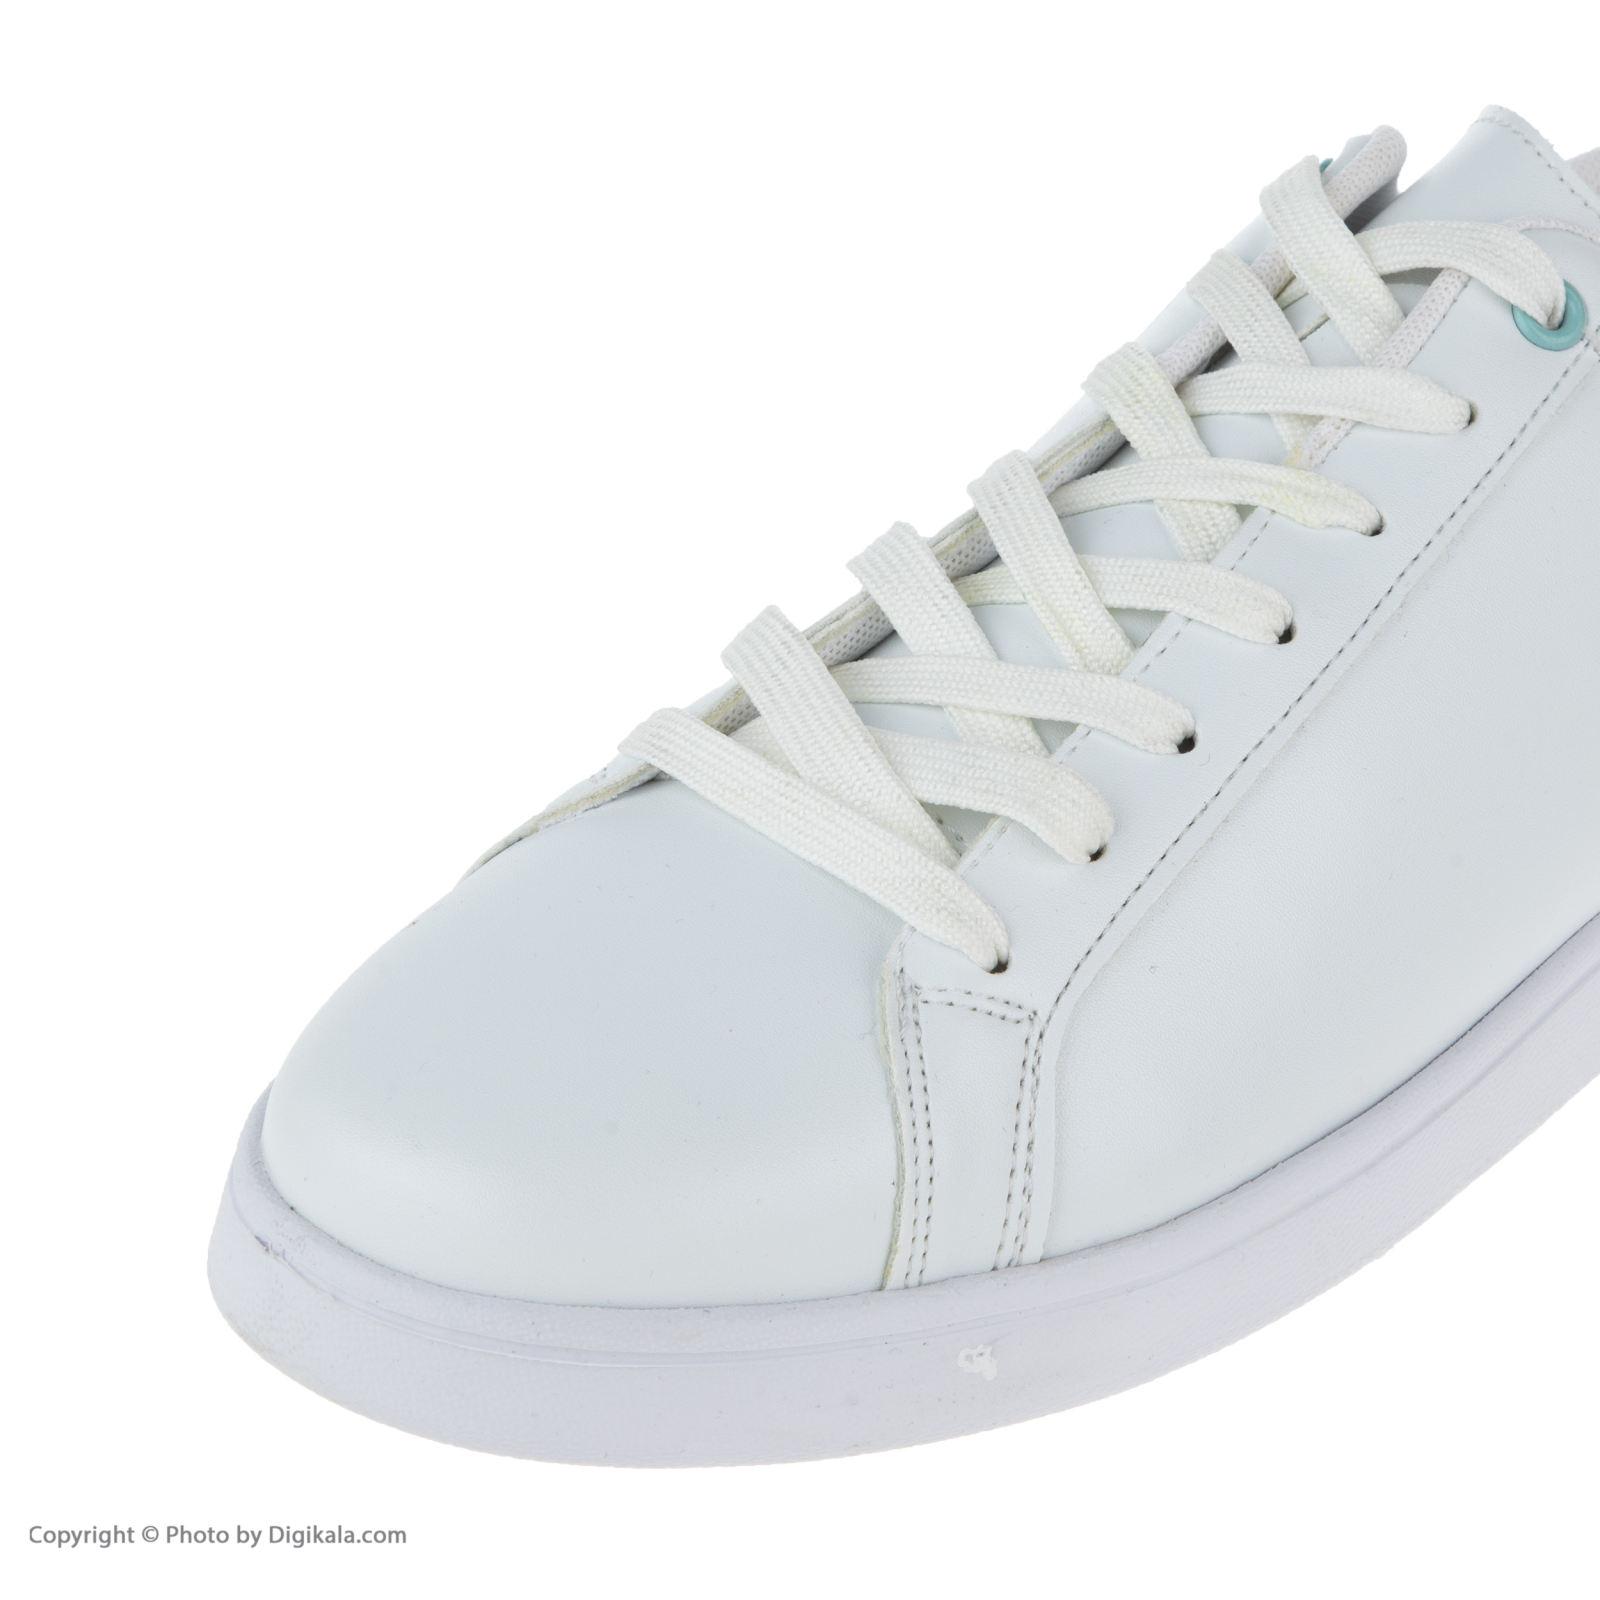 کفش راحتی مردانه آر ان اس مدل 142001-01 -  - 5